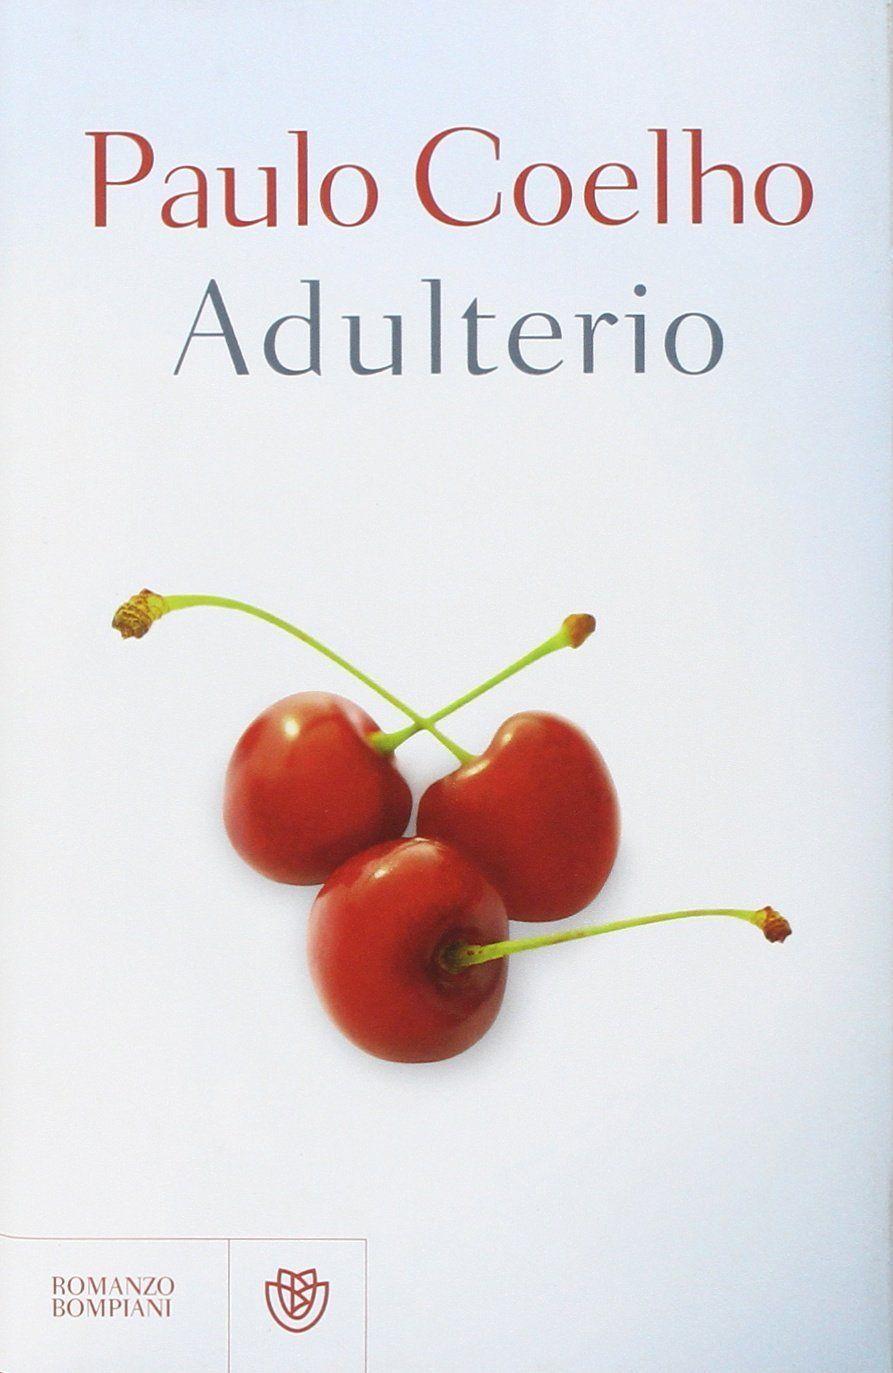 Adulterio di Paulo Coelho: trama e recensione dell'ultimo romanzo dello scrittore brasiliano